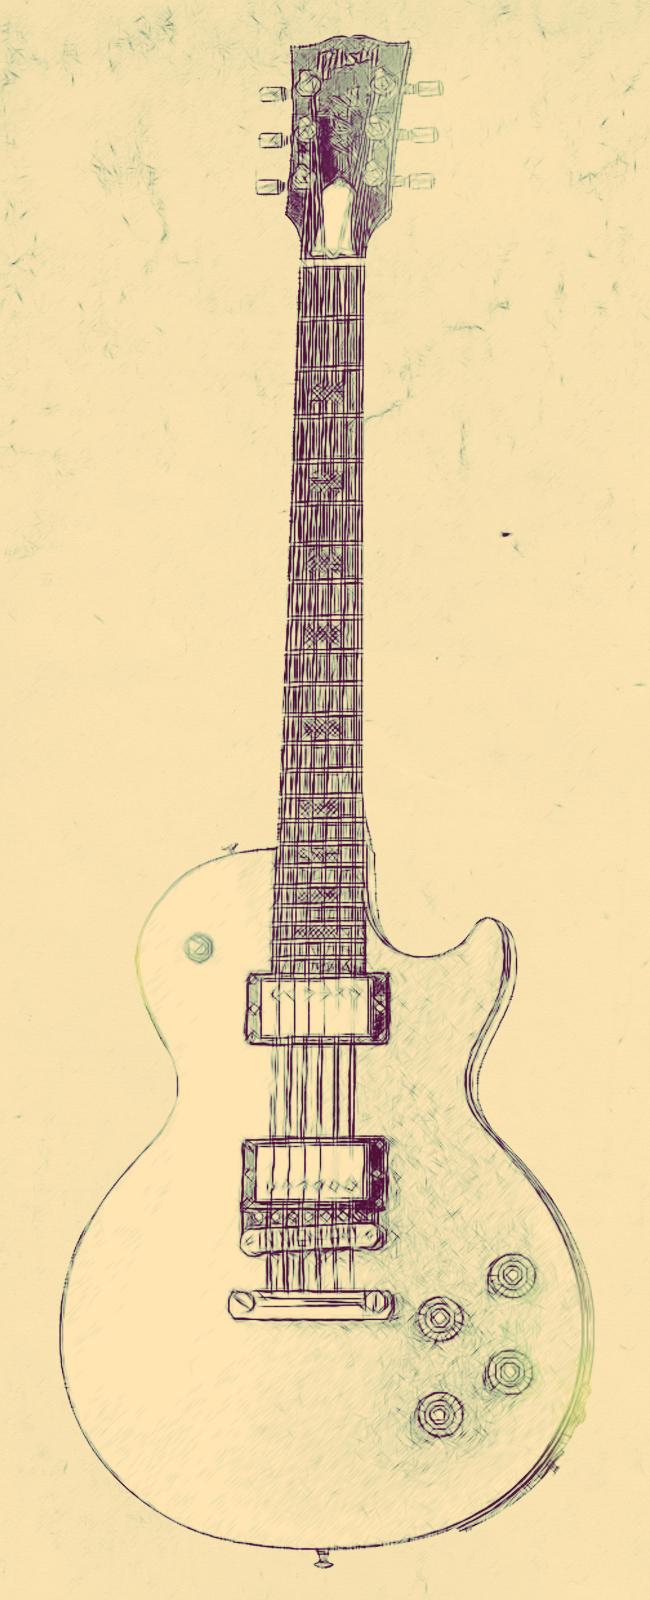 Les Paul Sketch by alesfuck